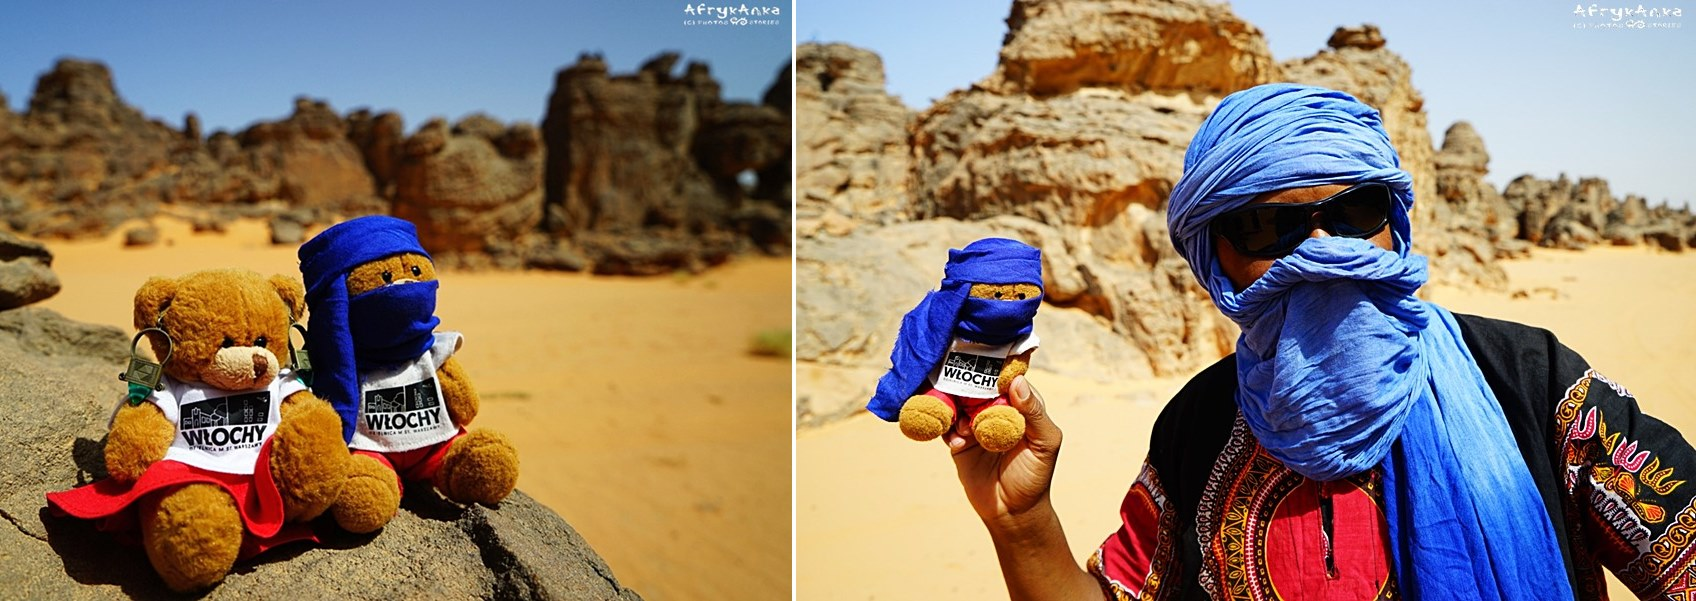 Misia i Miś podczas podróży z Tuaregami ubrały się stosownie!